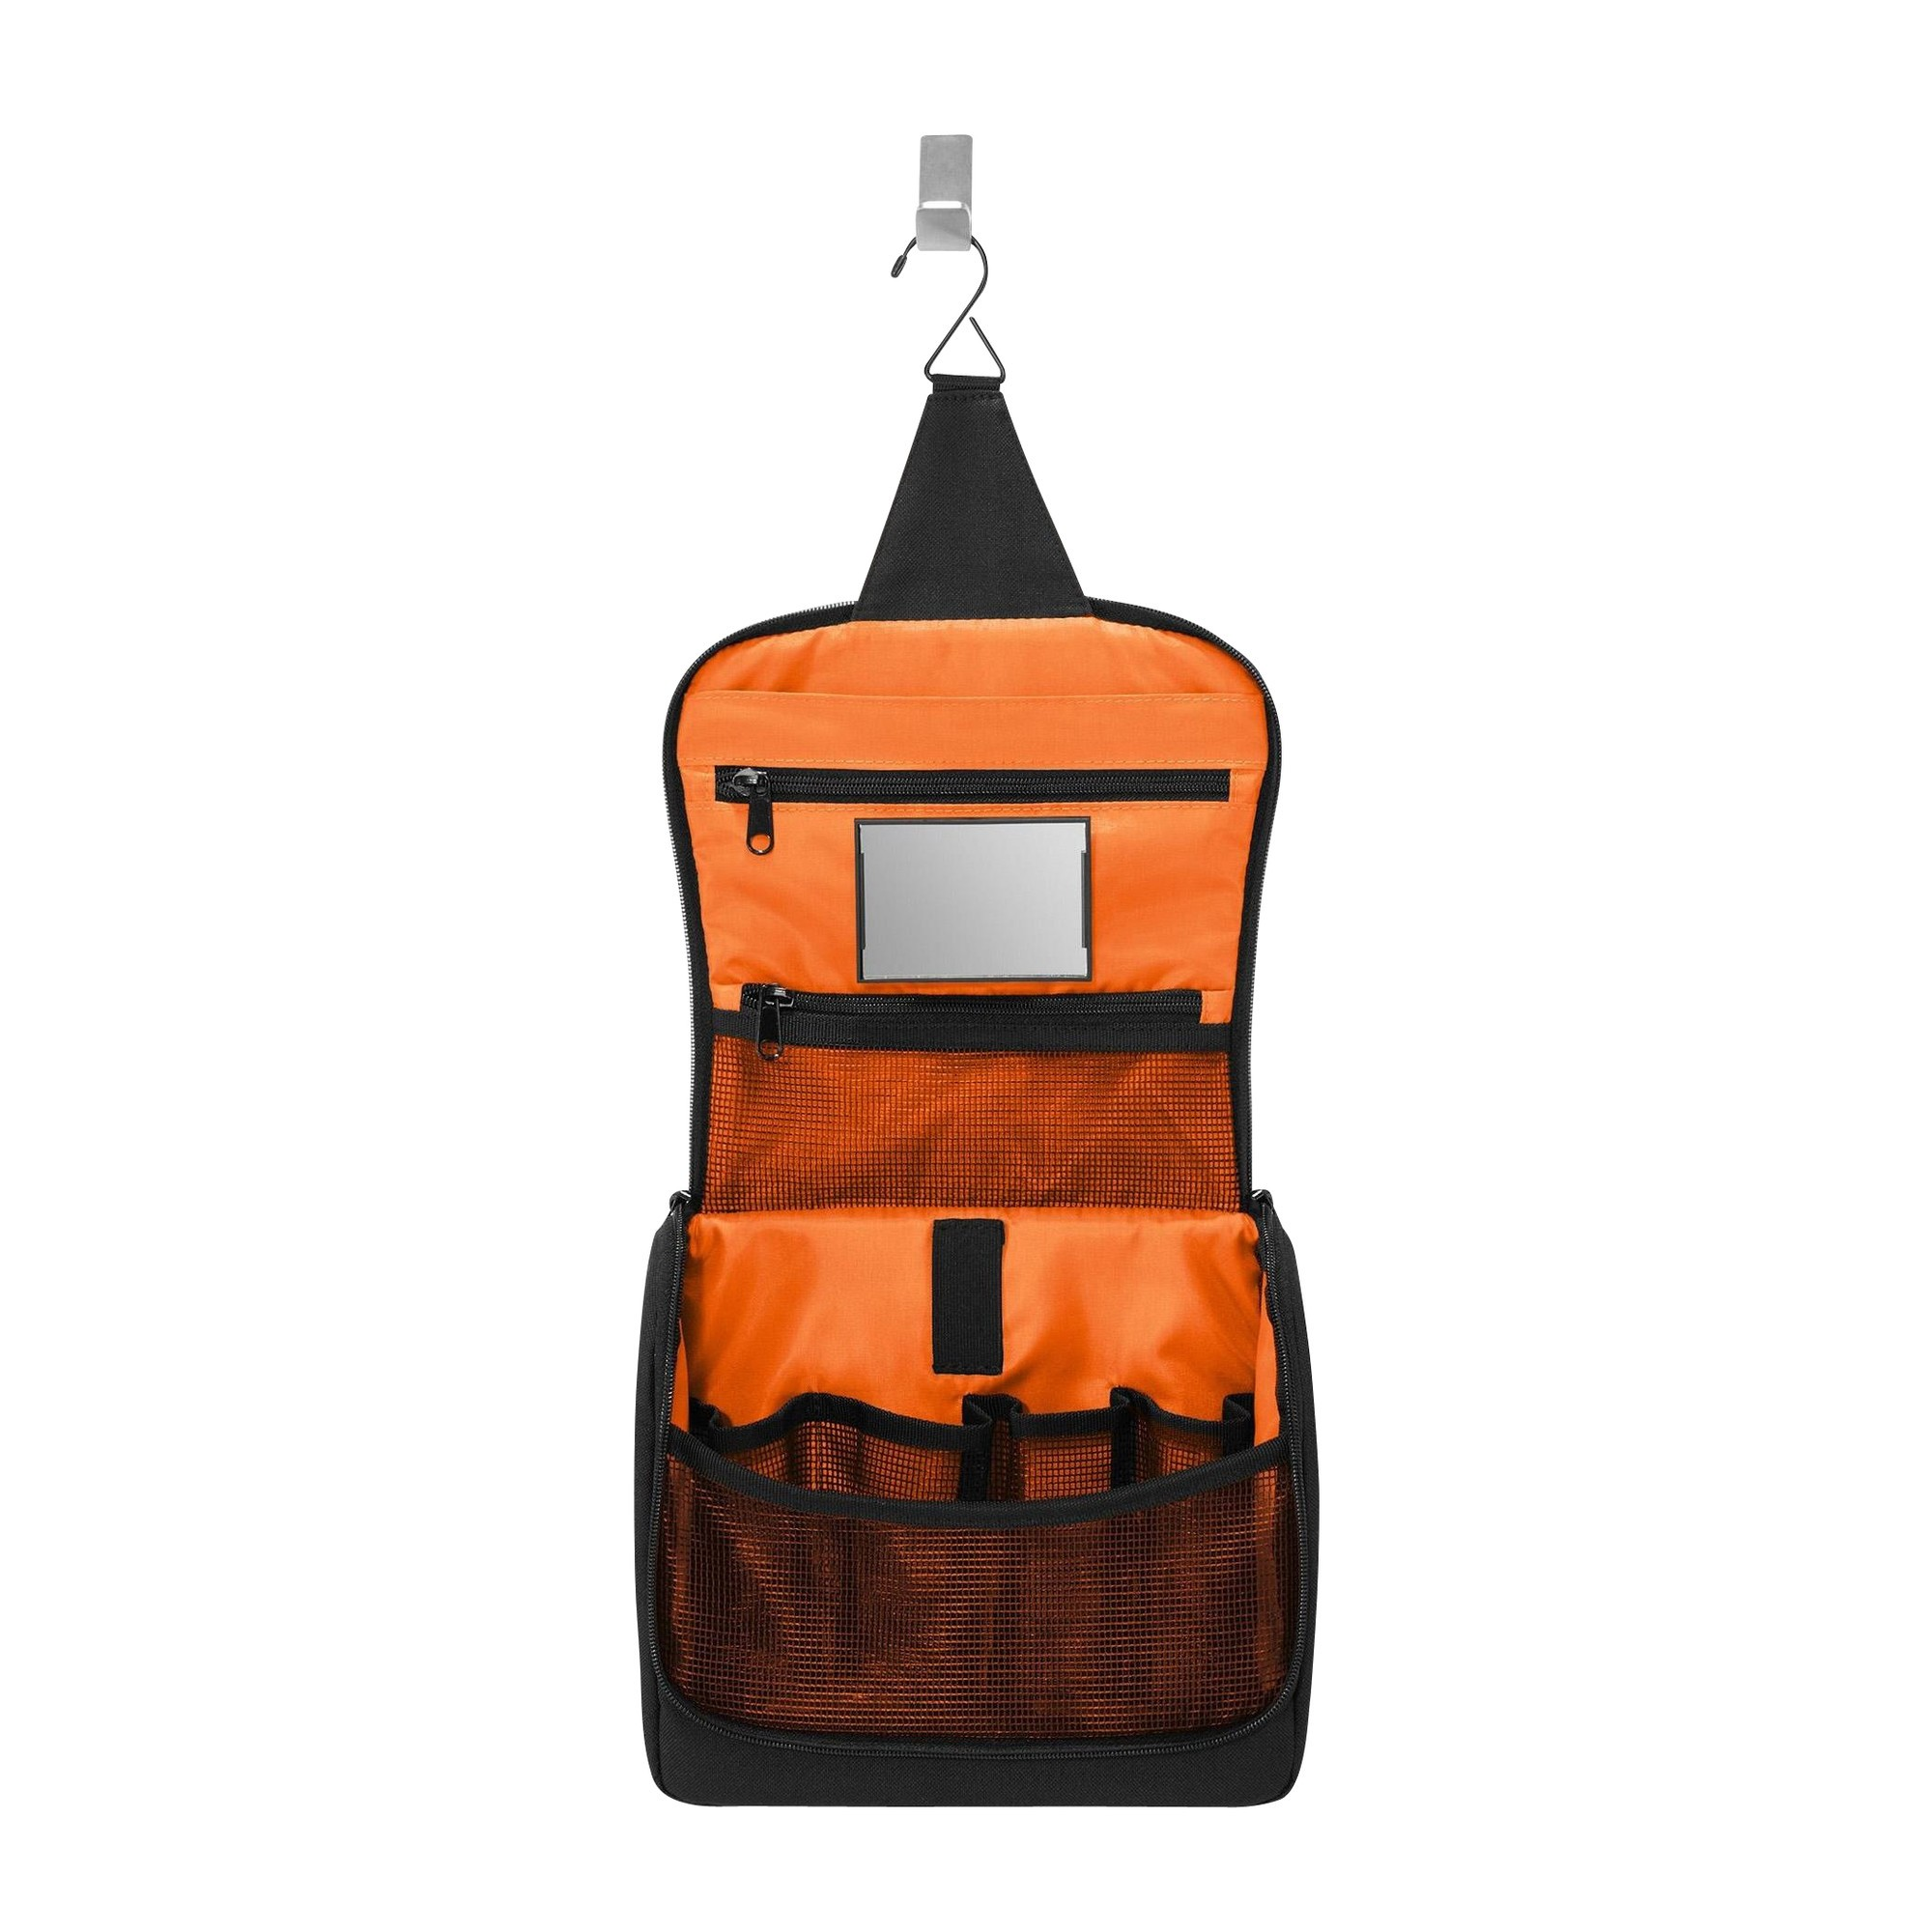 Reisenthel toiletbag